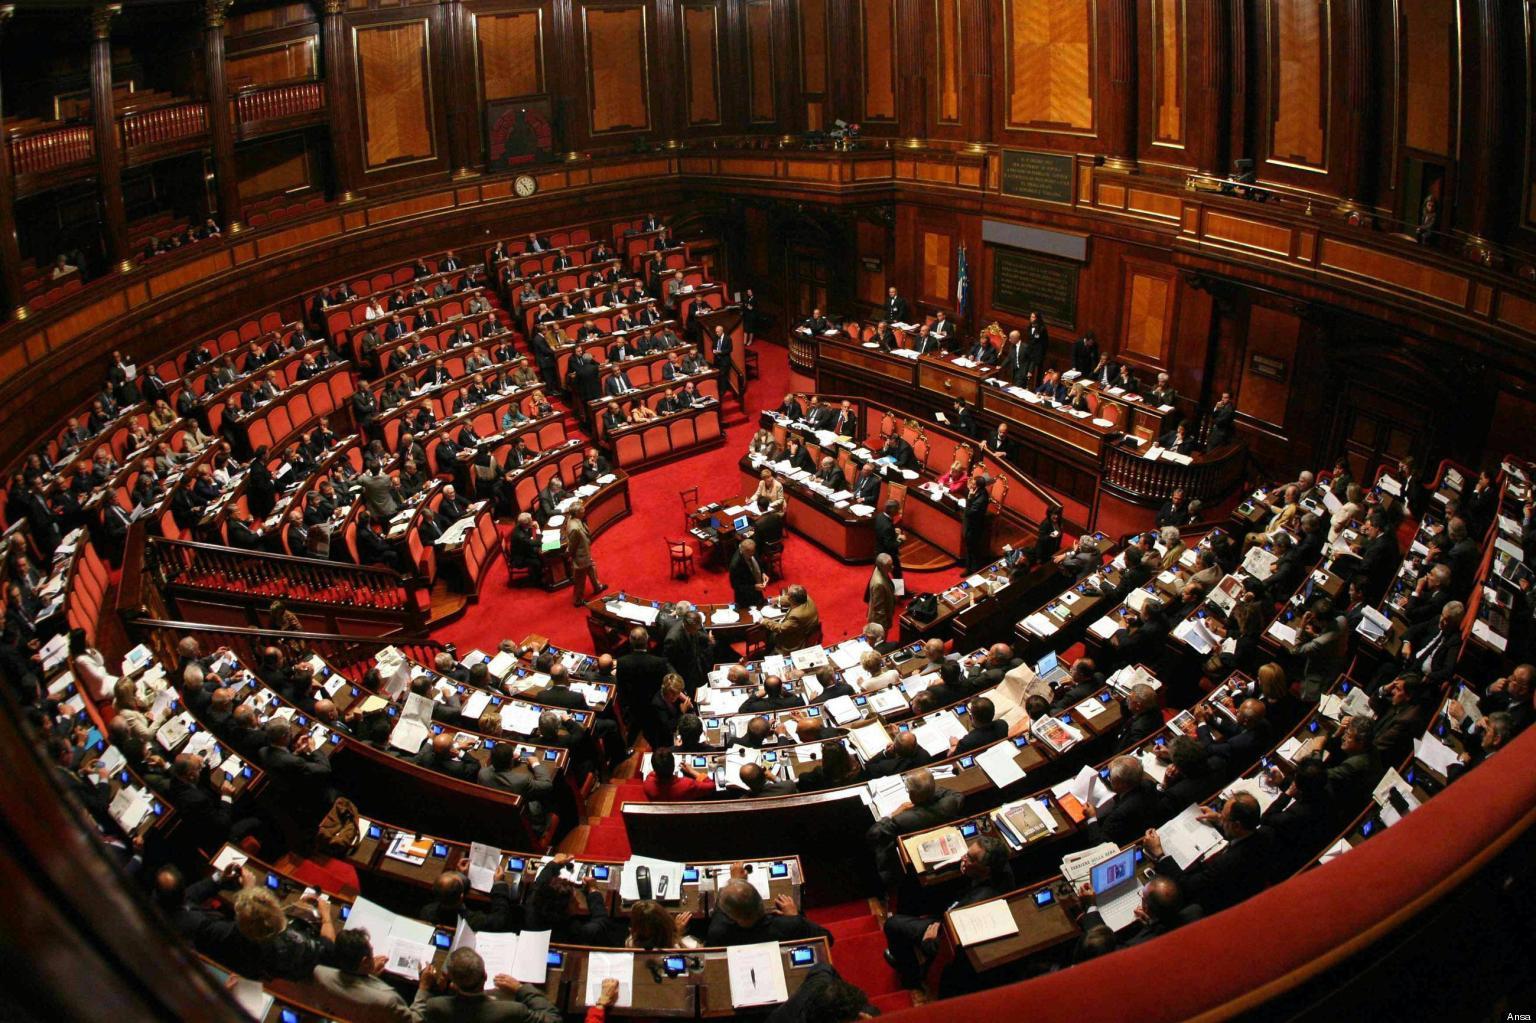 Approvato al Senato ddl su taglio numeri parlamentari - Politica Roma